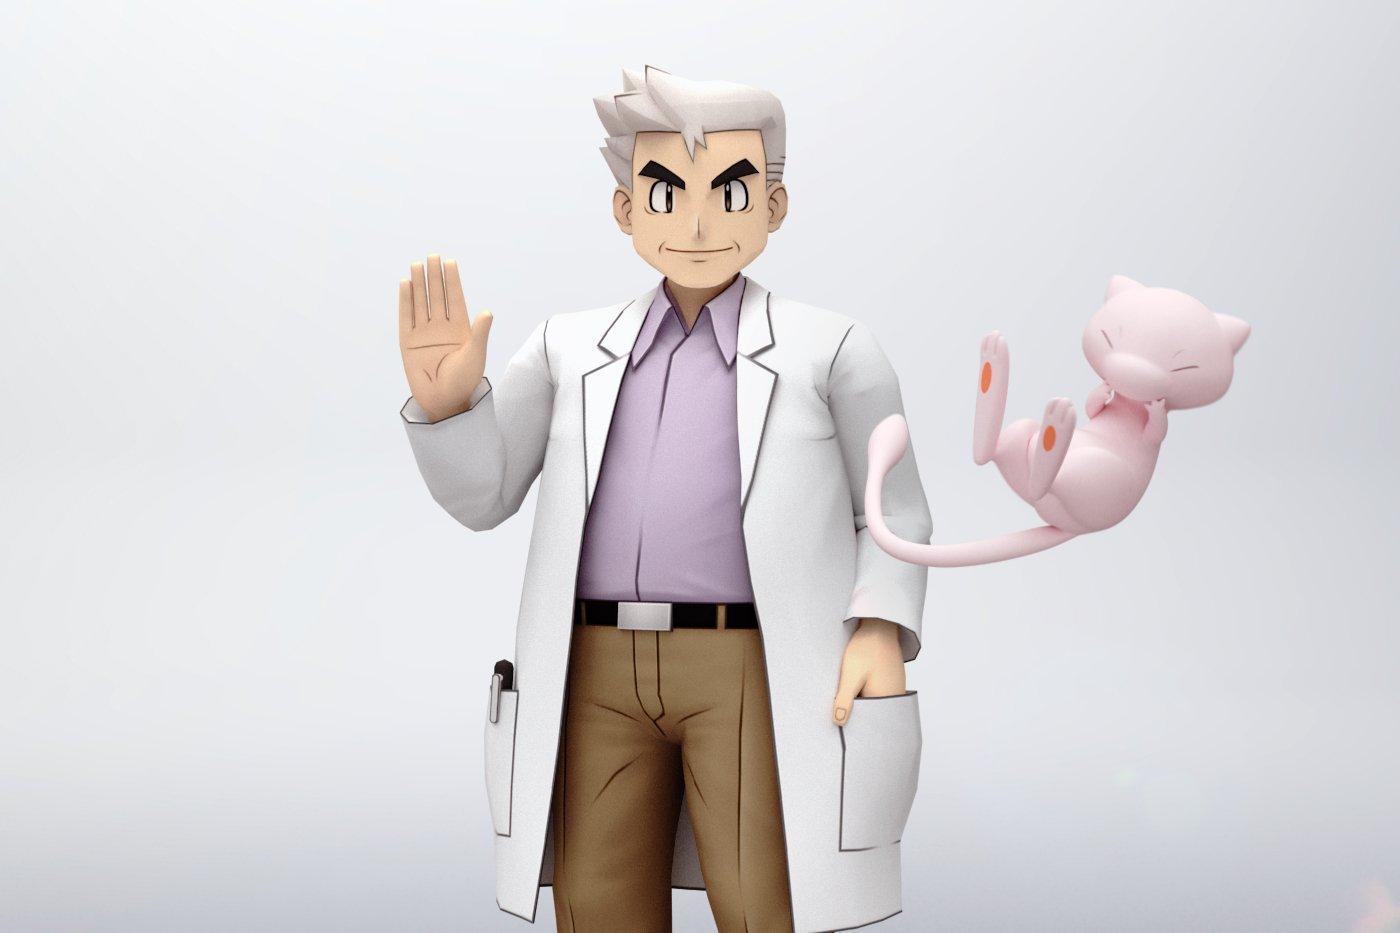 How to get Professor Oak in Pokemon Masters